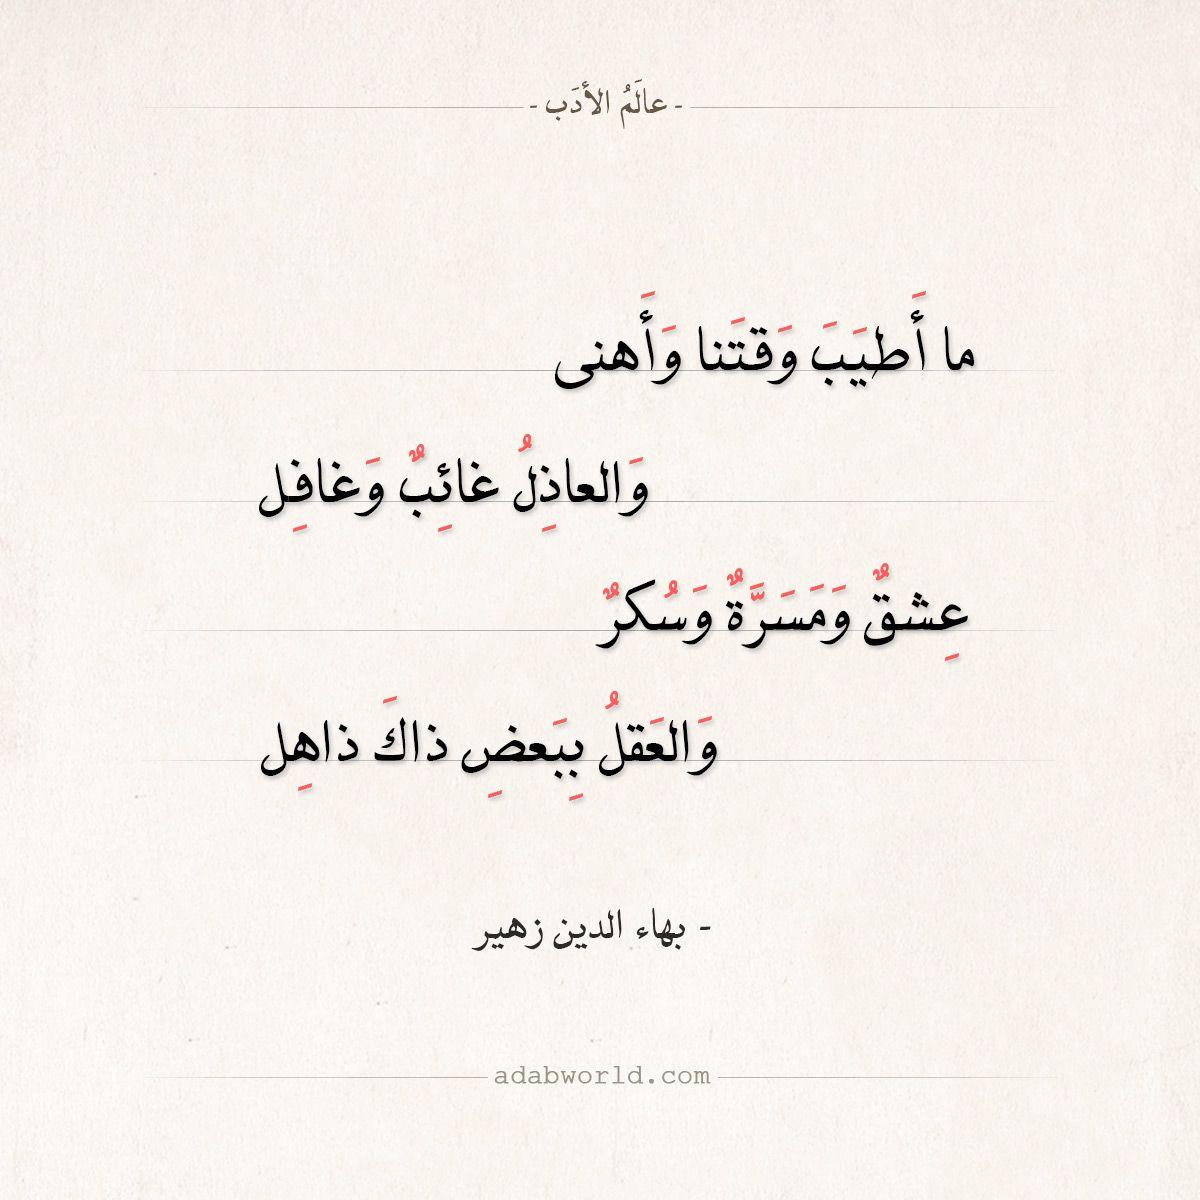 شعر بهاء الدين زهير ما أطيب وقتنا وأهنى عالم الأدب Quotes Math Arabic Calligraphy